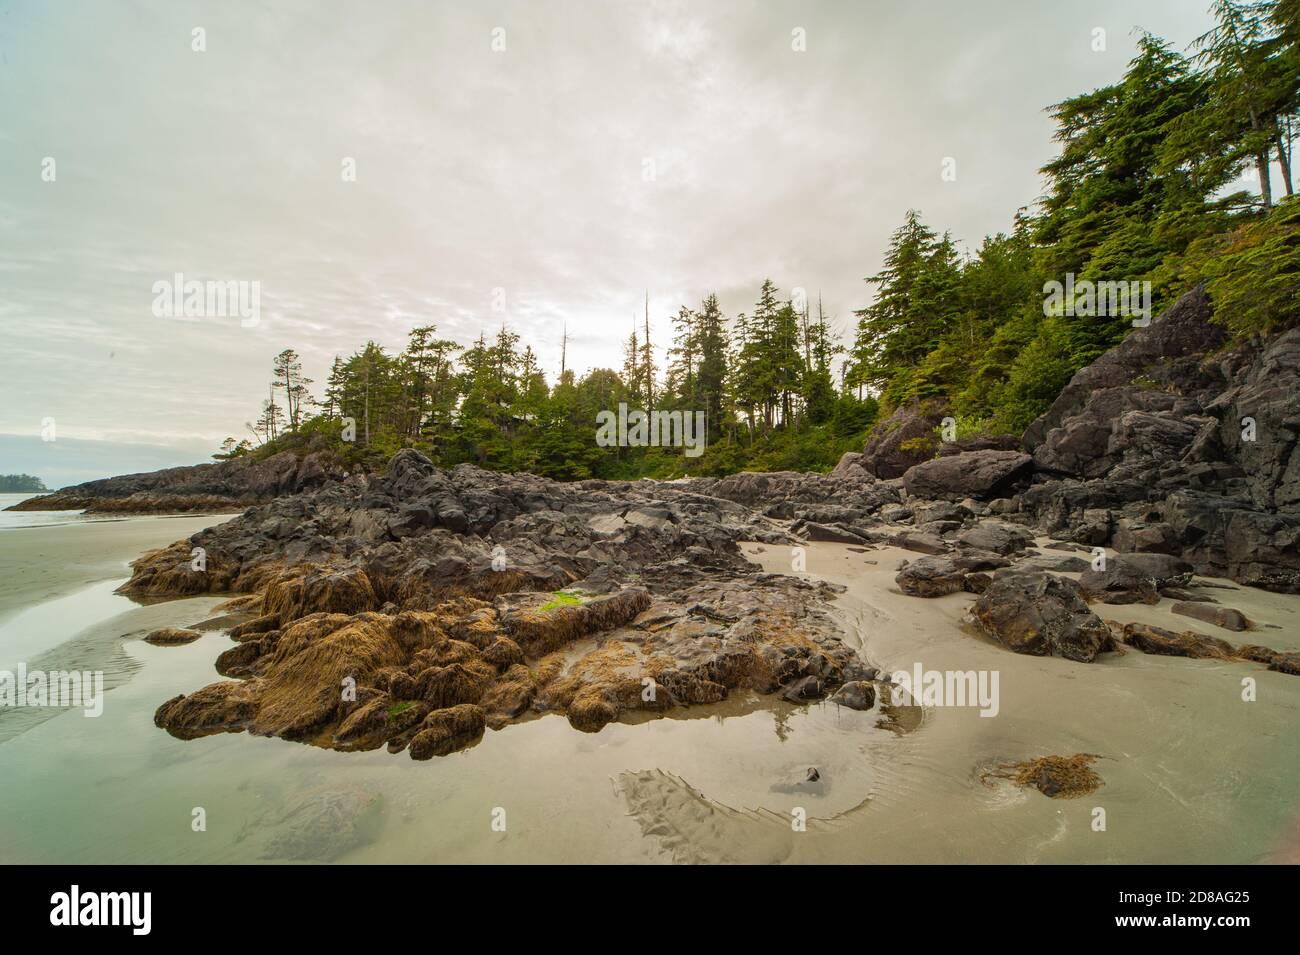 Vista pintoresca de la costa oeste de la isla de Vancouver al atardecer y marea baja con cielo nublado.rocas de la costa sobresalen del agua. Foto de stock